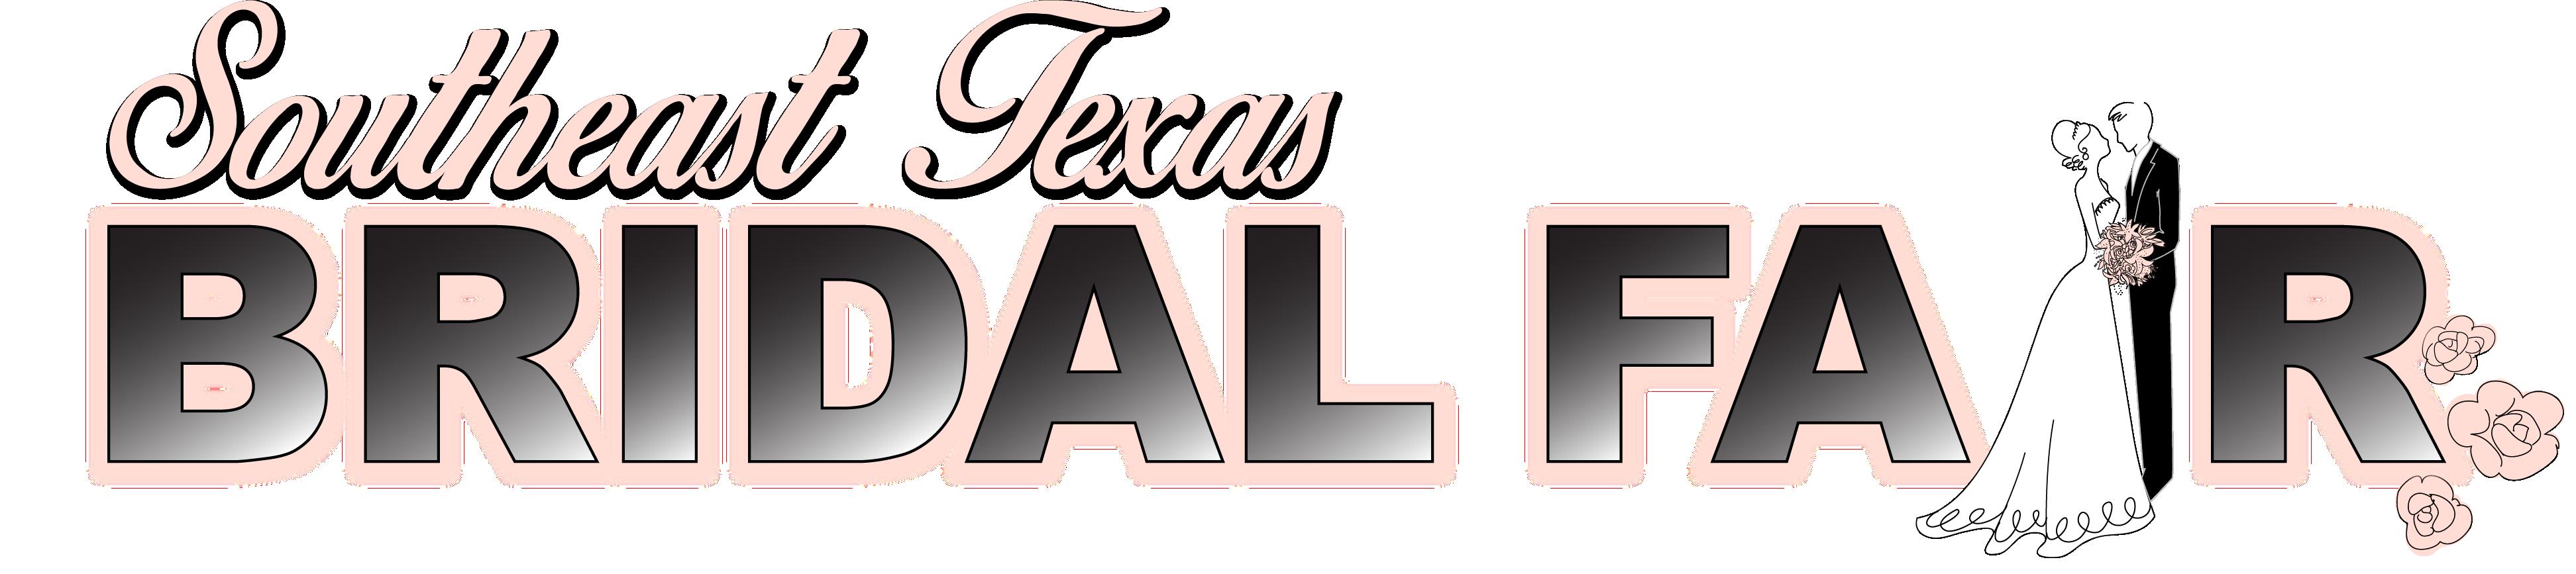 Bridal Fair Southeast Texas, Bridal Fair Beaumont TX, Bridal Fair Houston TX, Bridal Fair Mid County